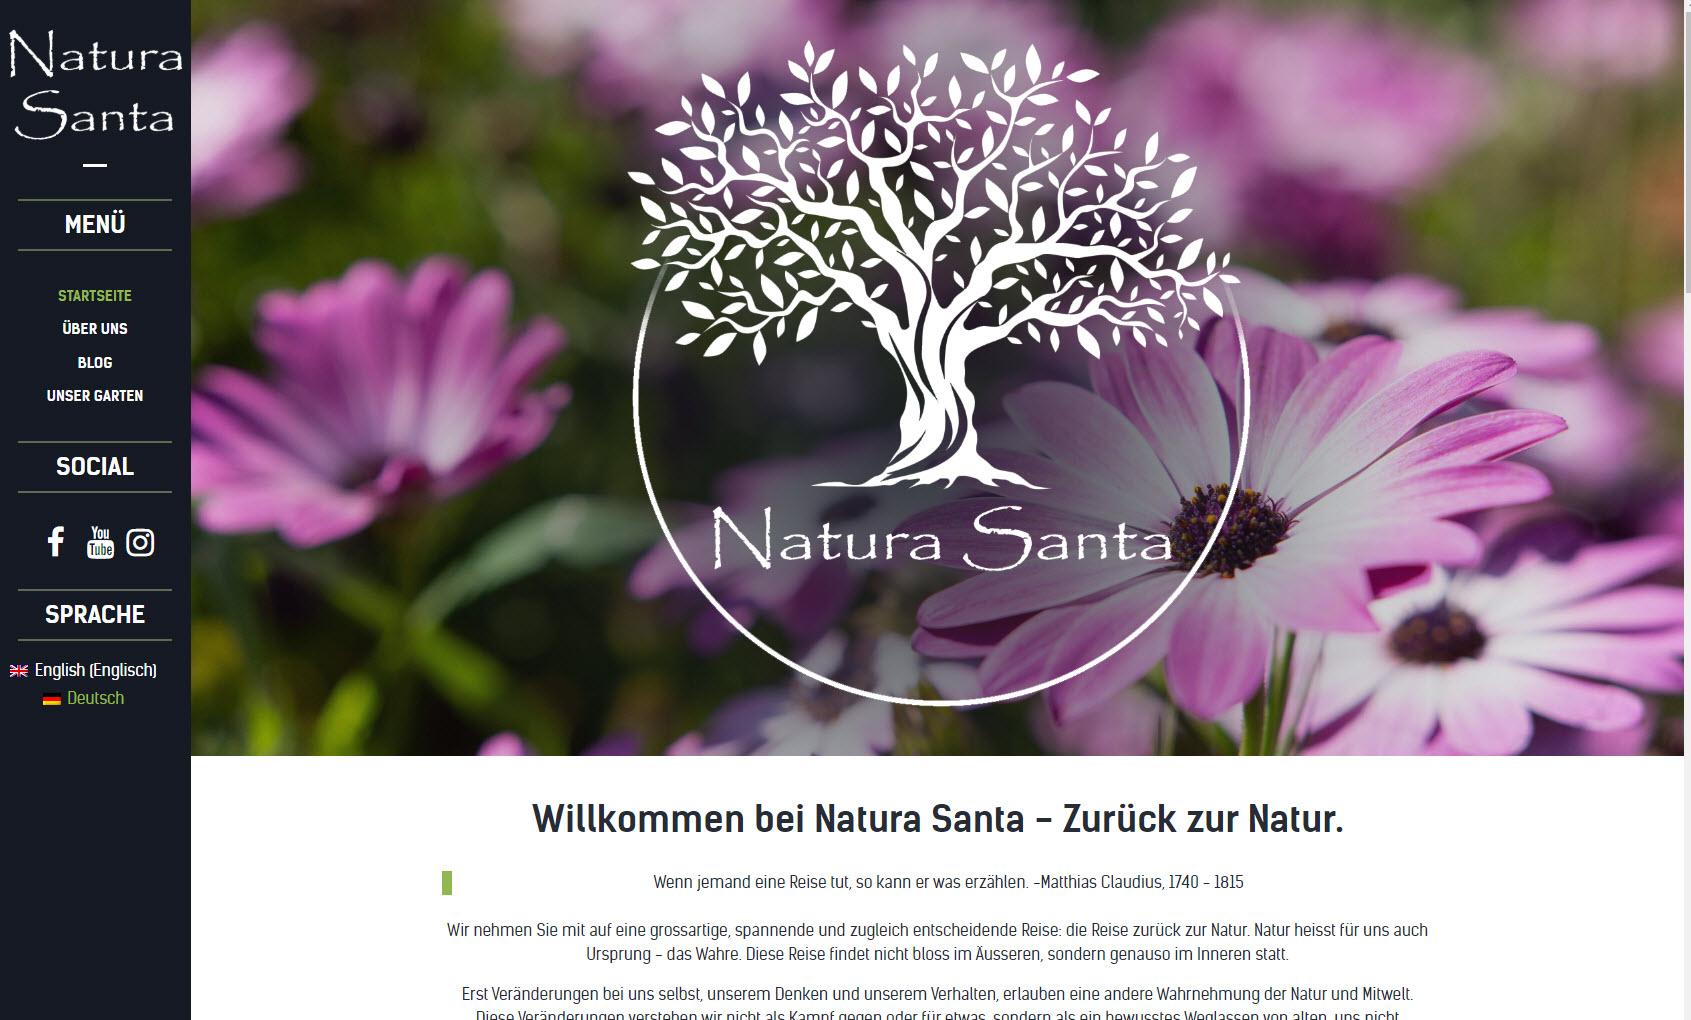 Natura Santa